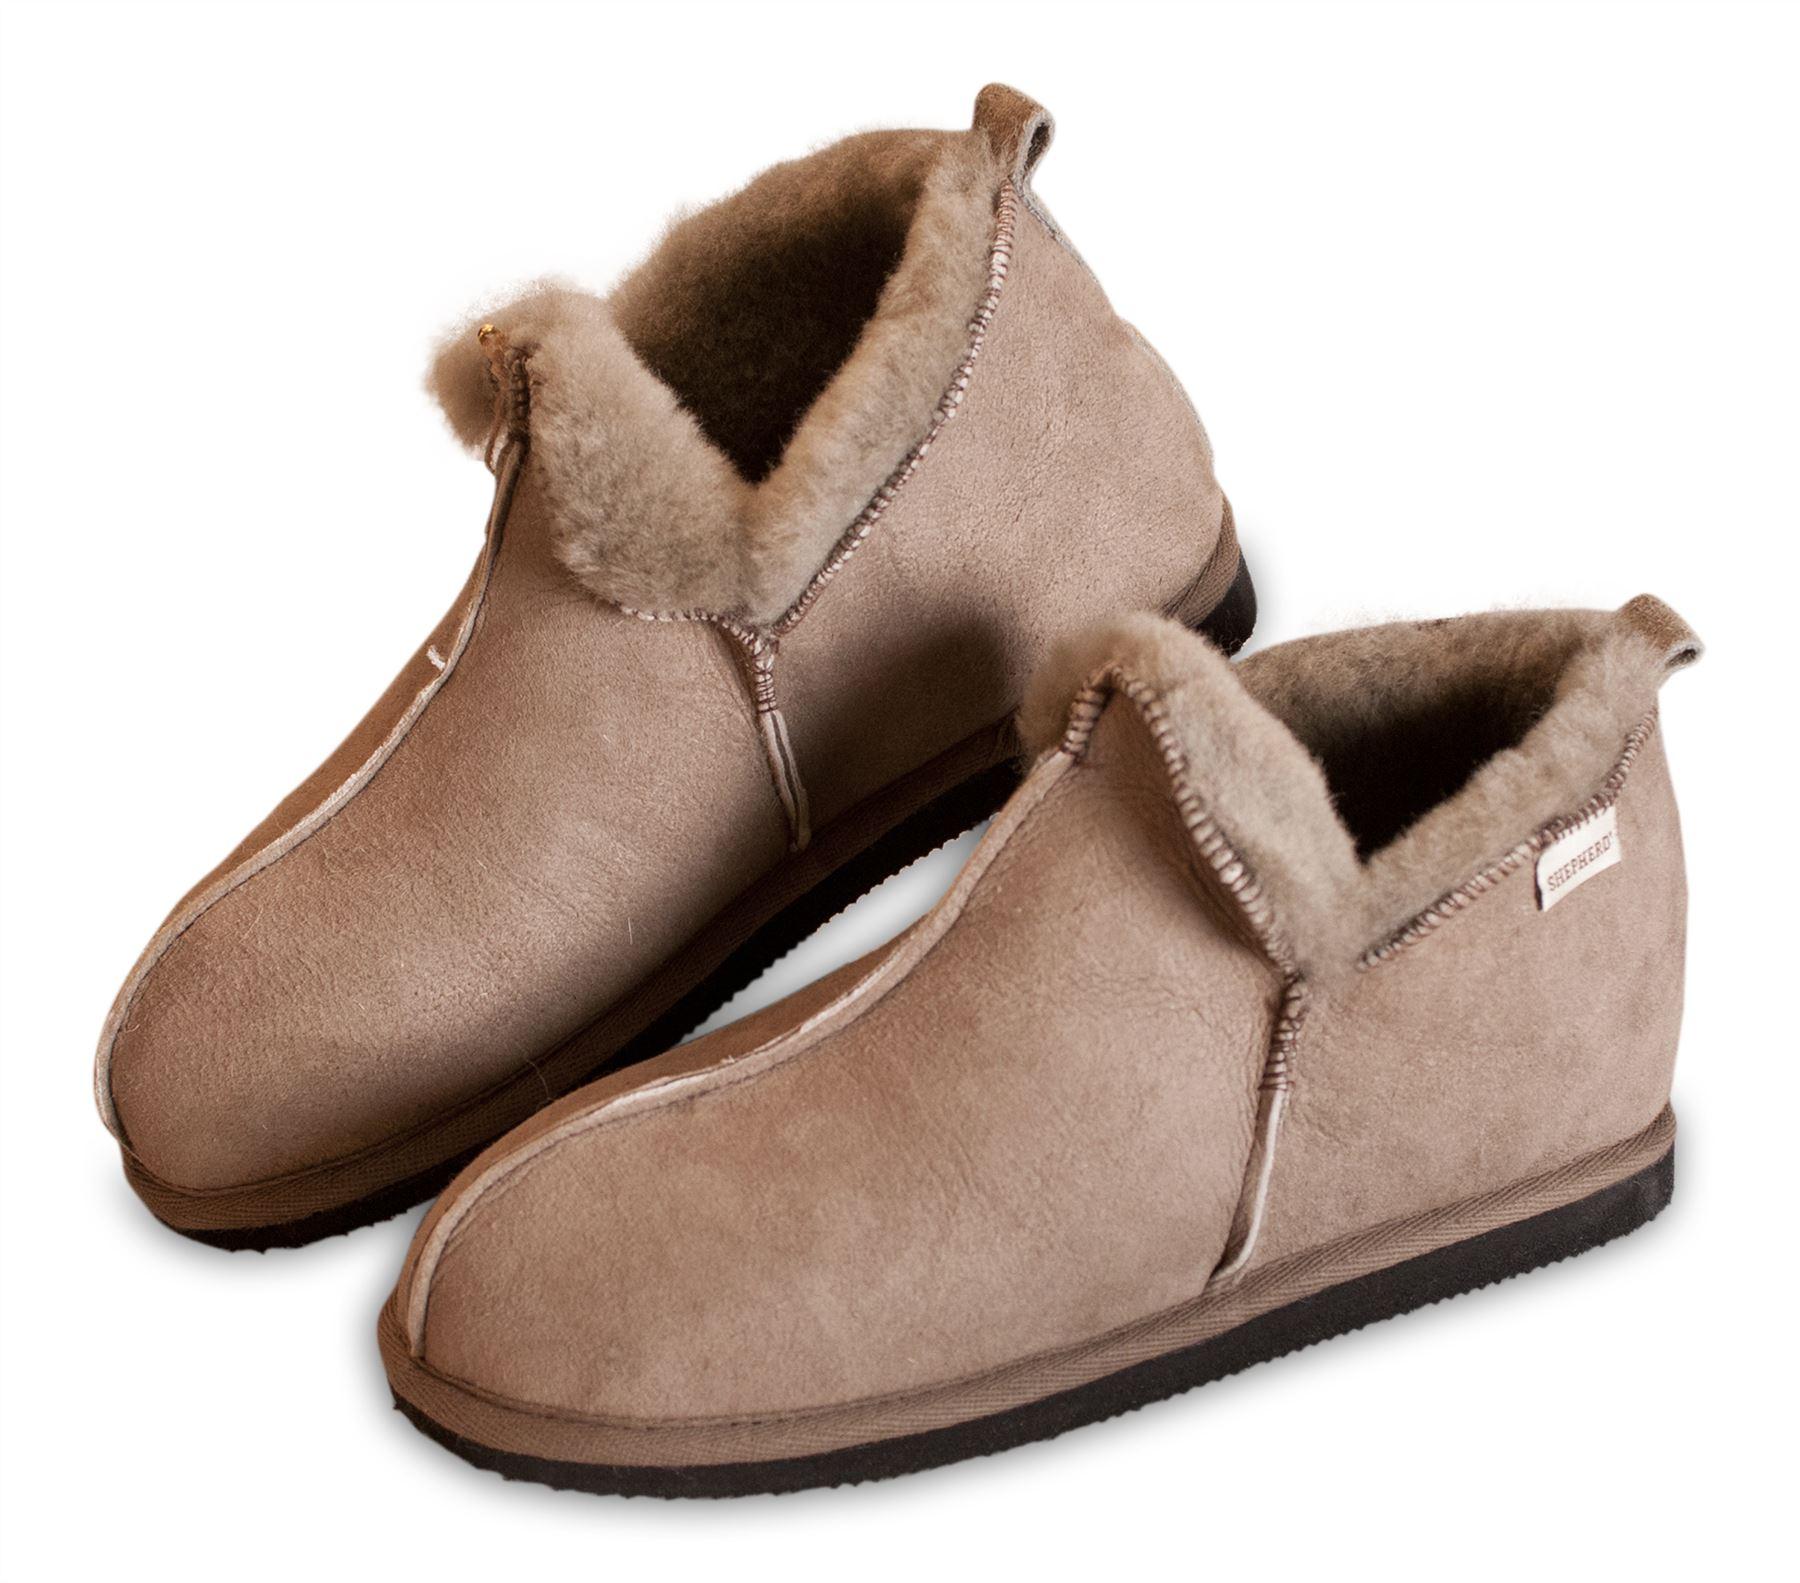 Shepherd donna vera pelle di pecora Pantofole Stivali Da Donna Donna Donna Annie suola rigida 4922 75fa49